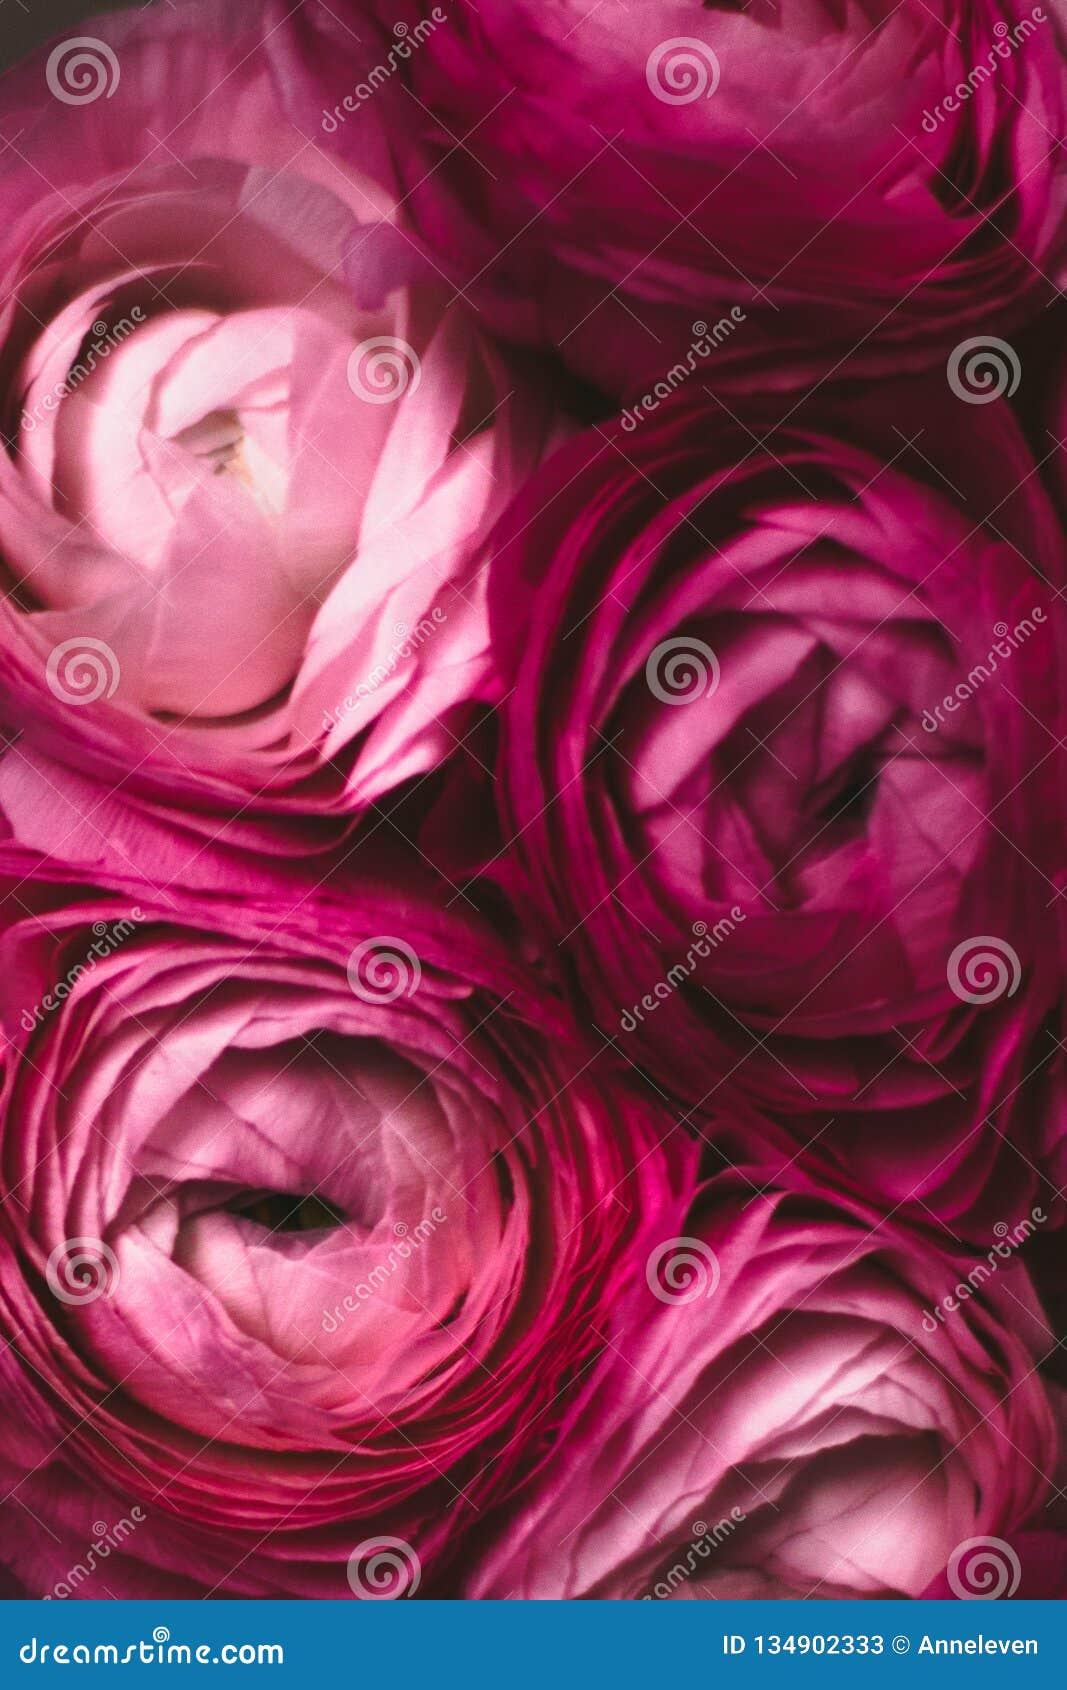 Rosafarbene Blumennahaufnahme - Hochzeit, Feiertag und Blumenhintergrund angeredetes Konzept